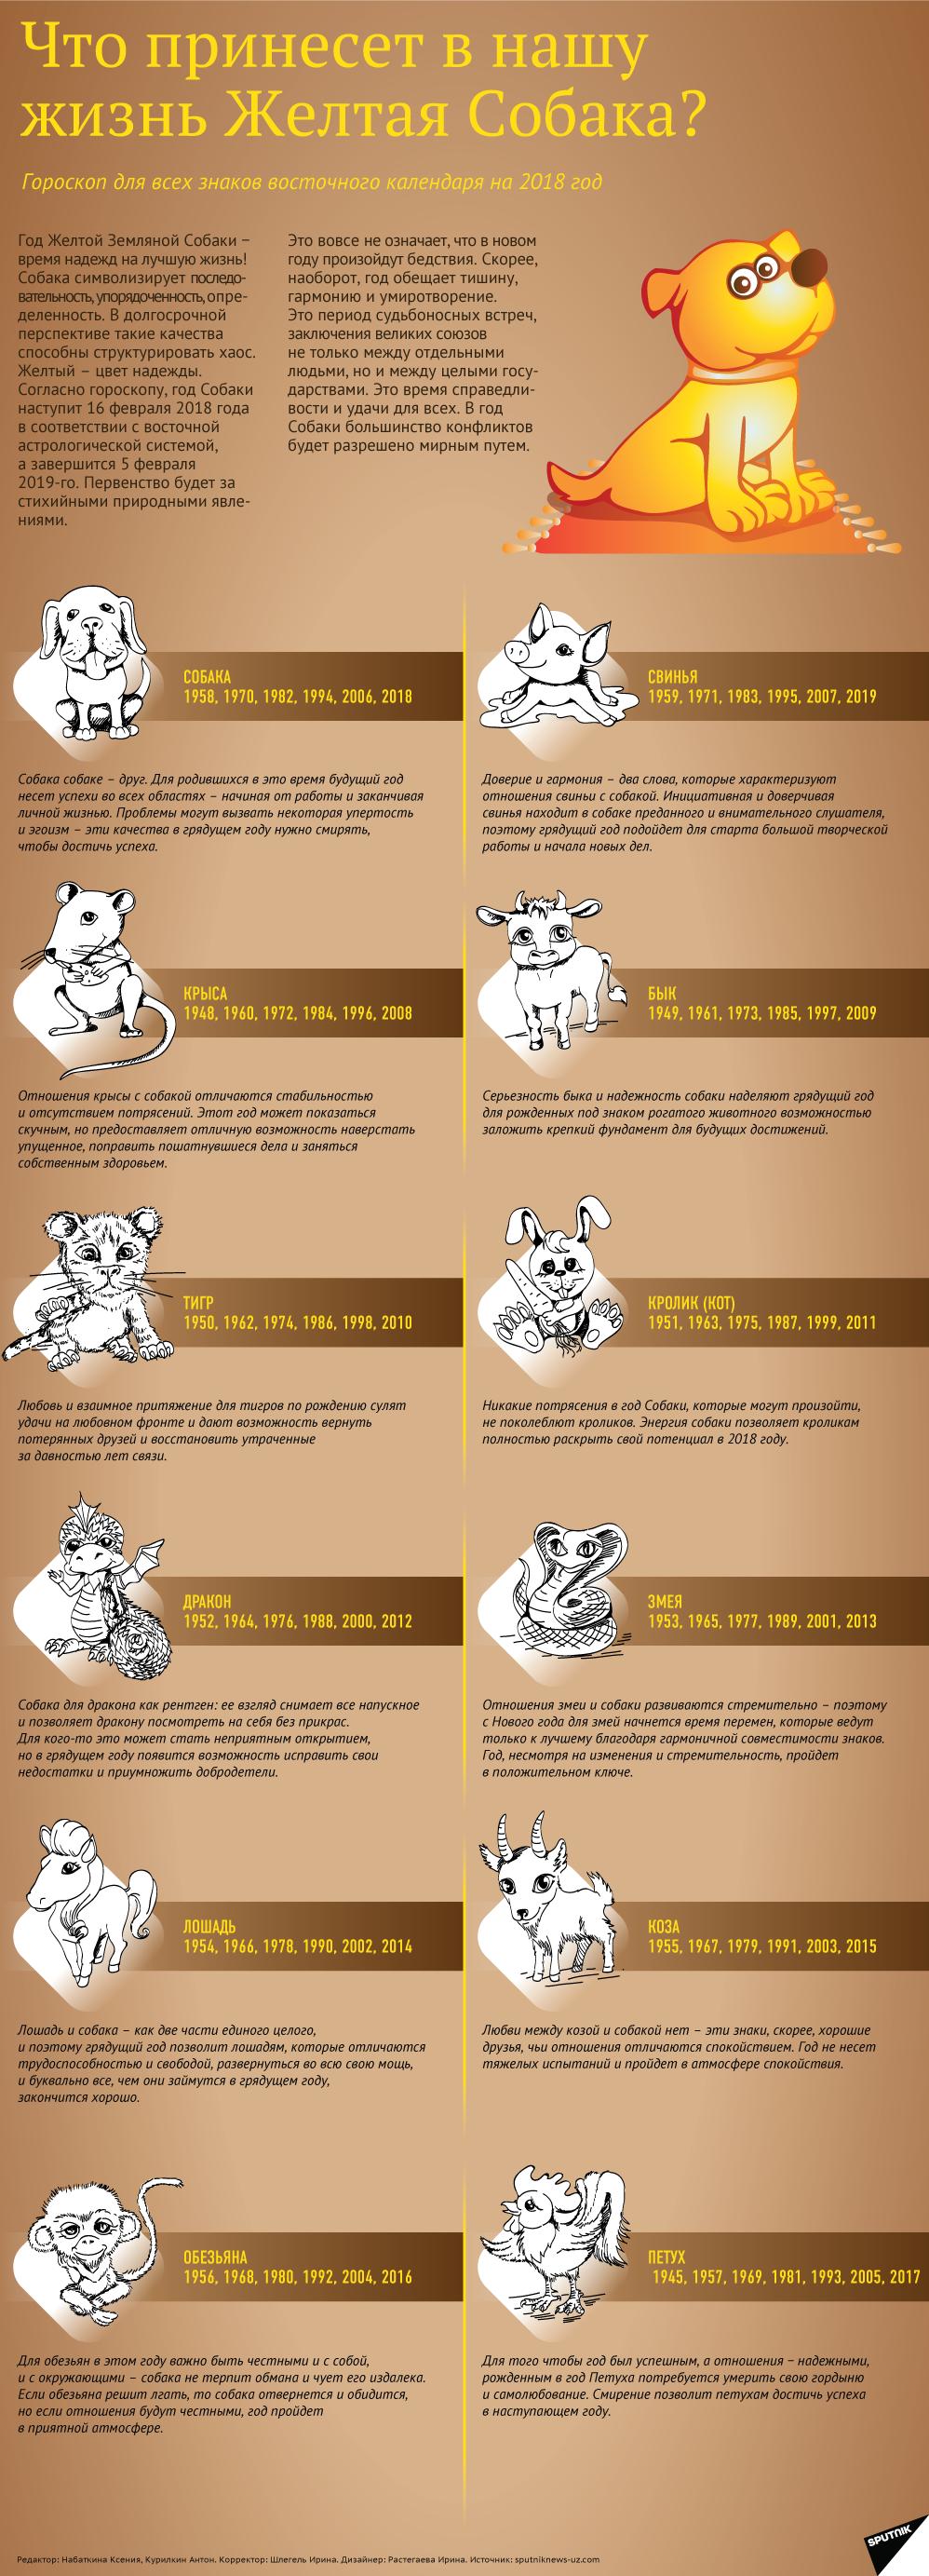 Китайский гороскоп на 2018 год